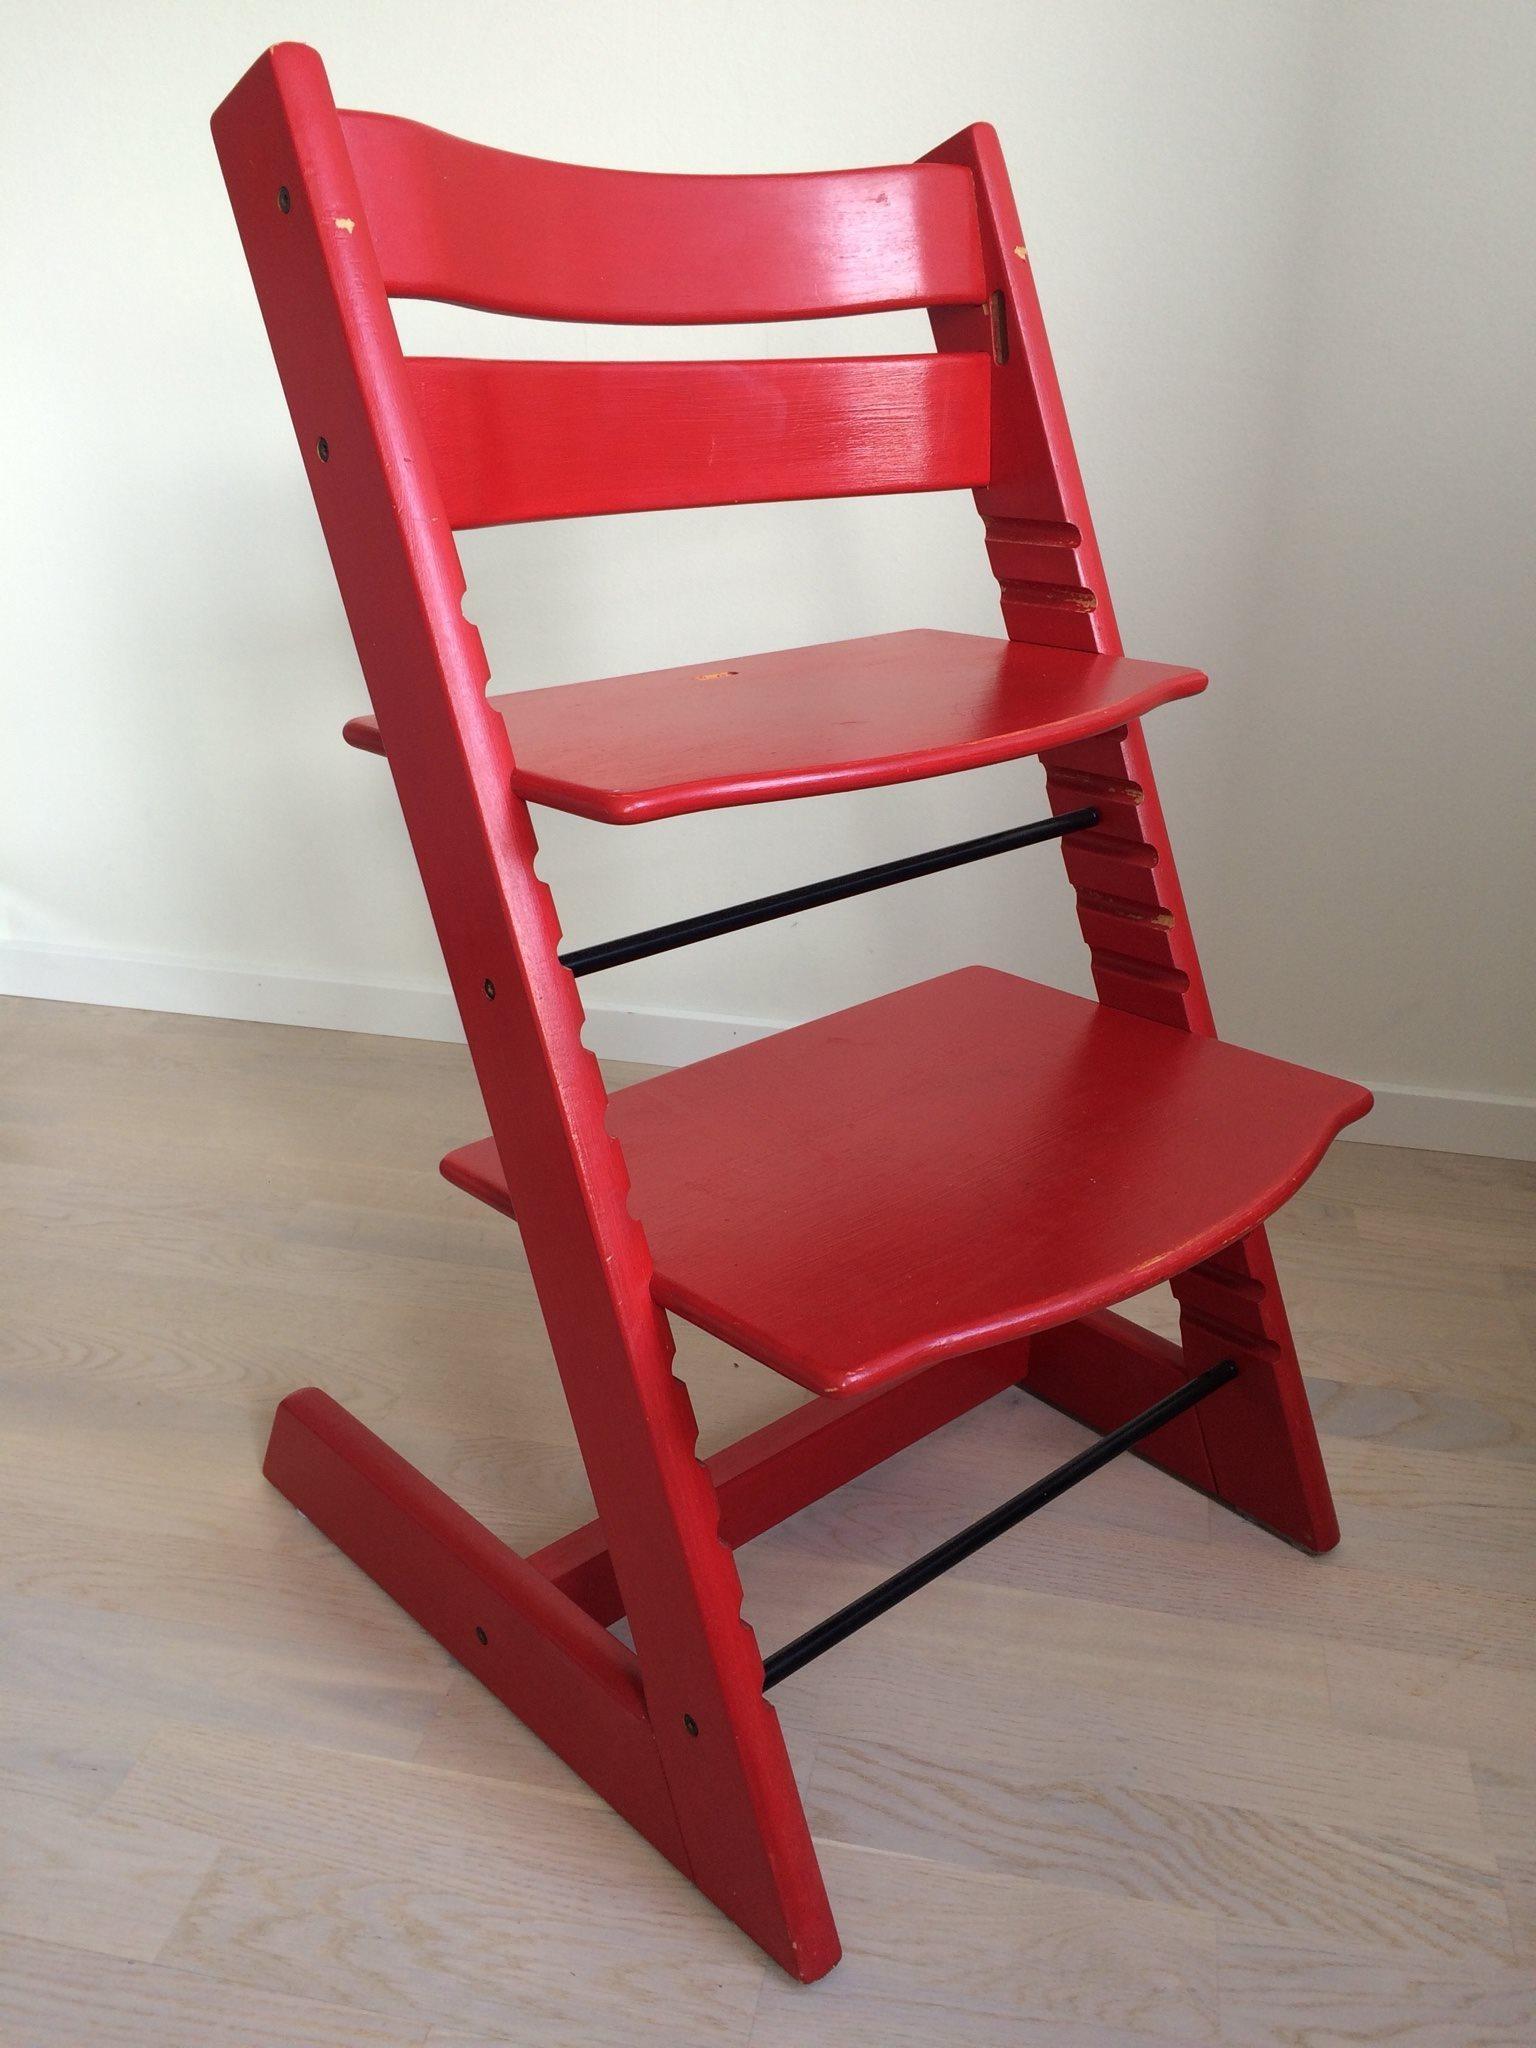 röd original tripp trapp stol (stokke) (311729053) ᐈ köp på tradera